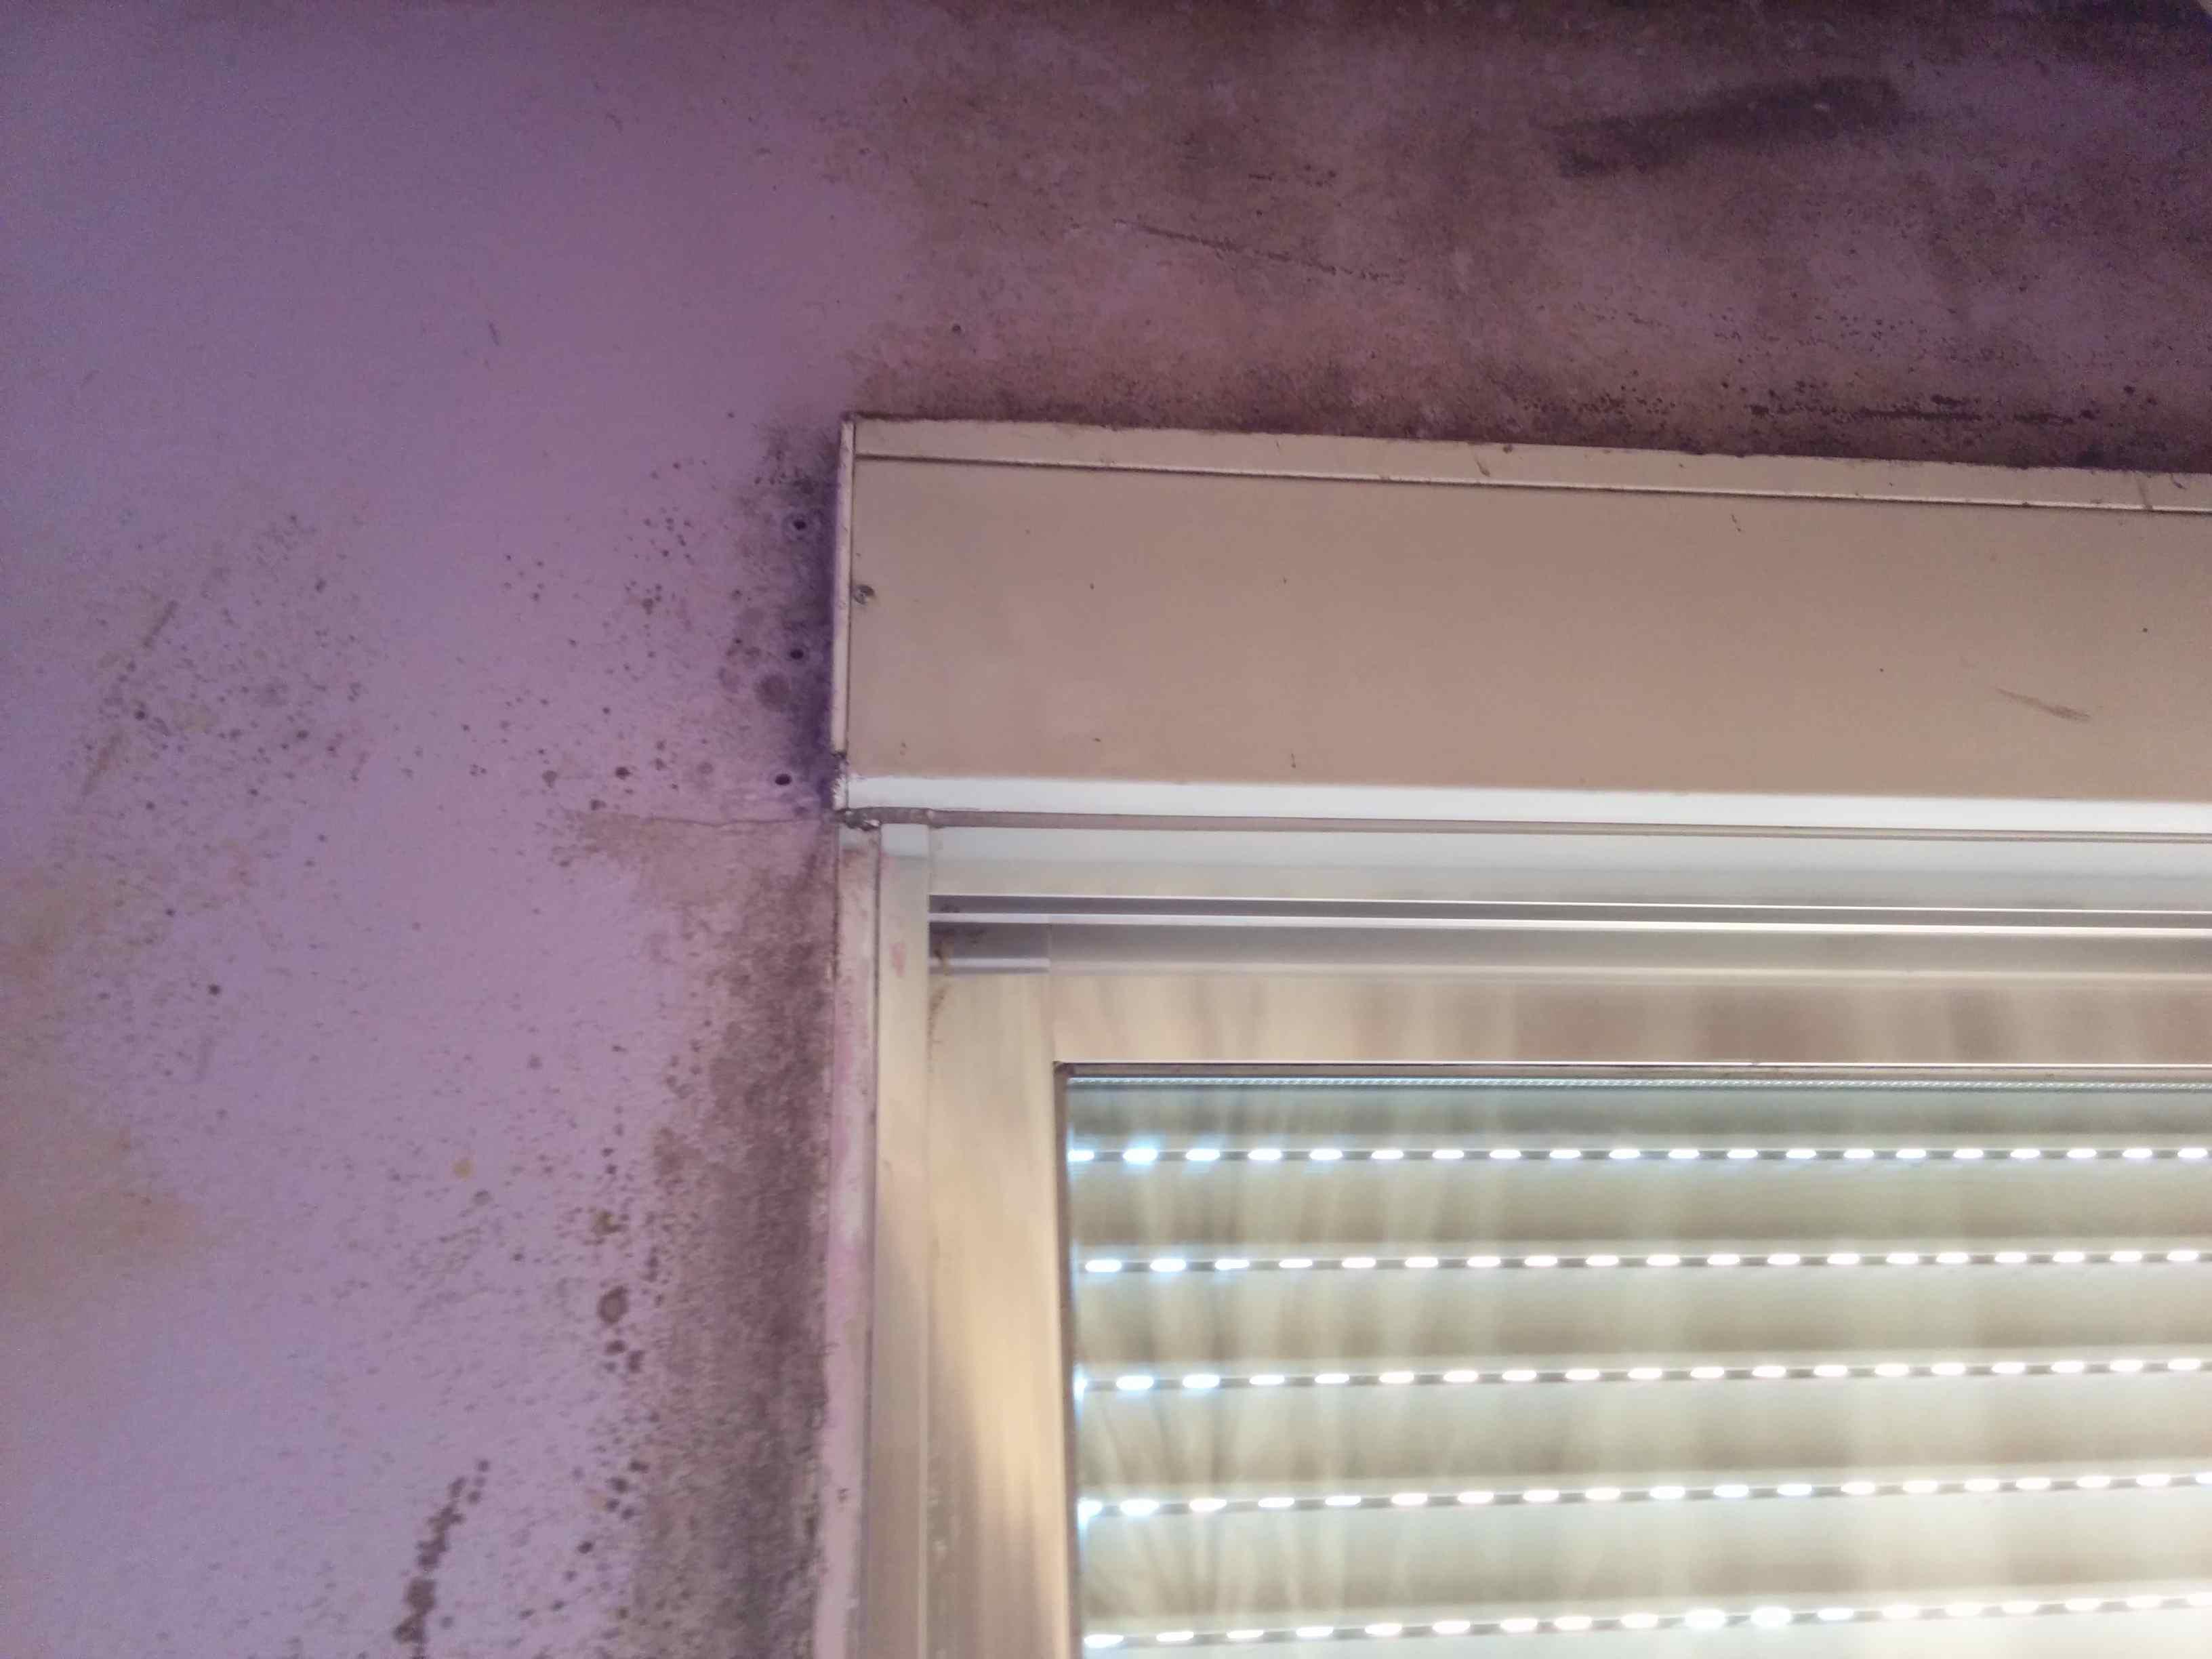 Distinguir humedad condensacion